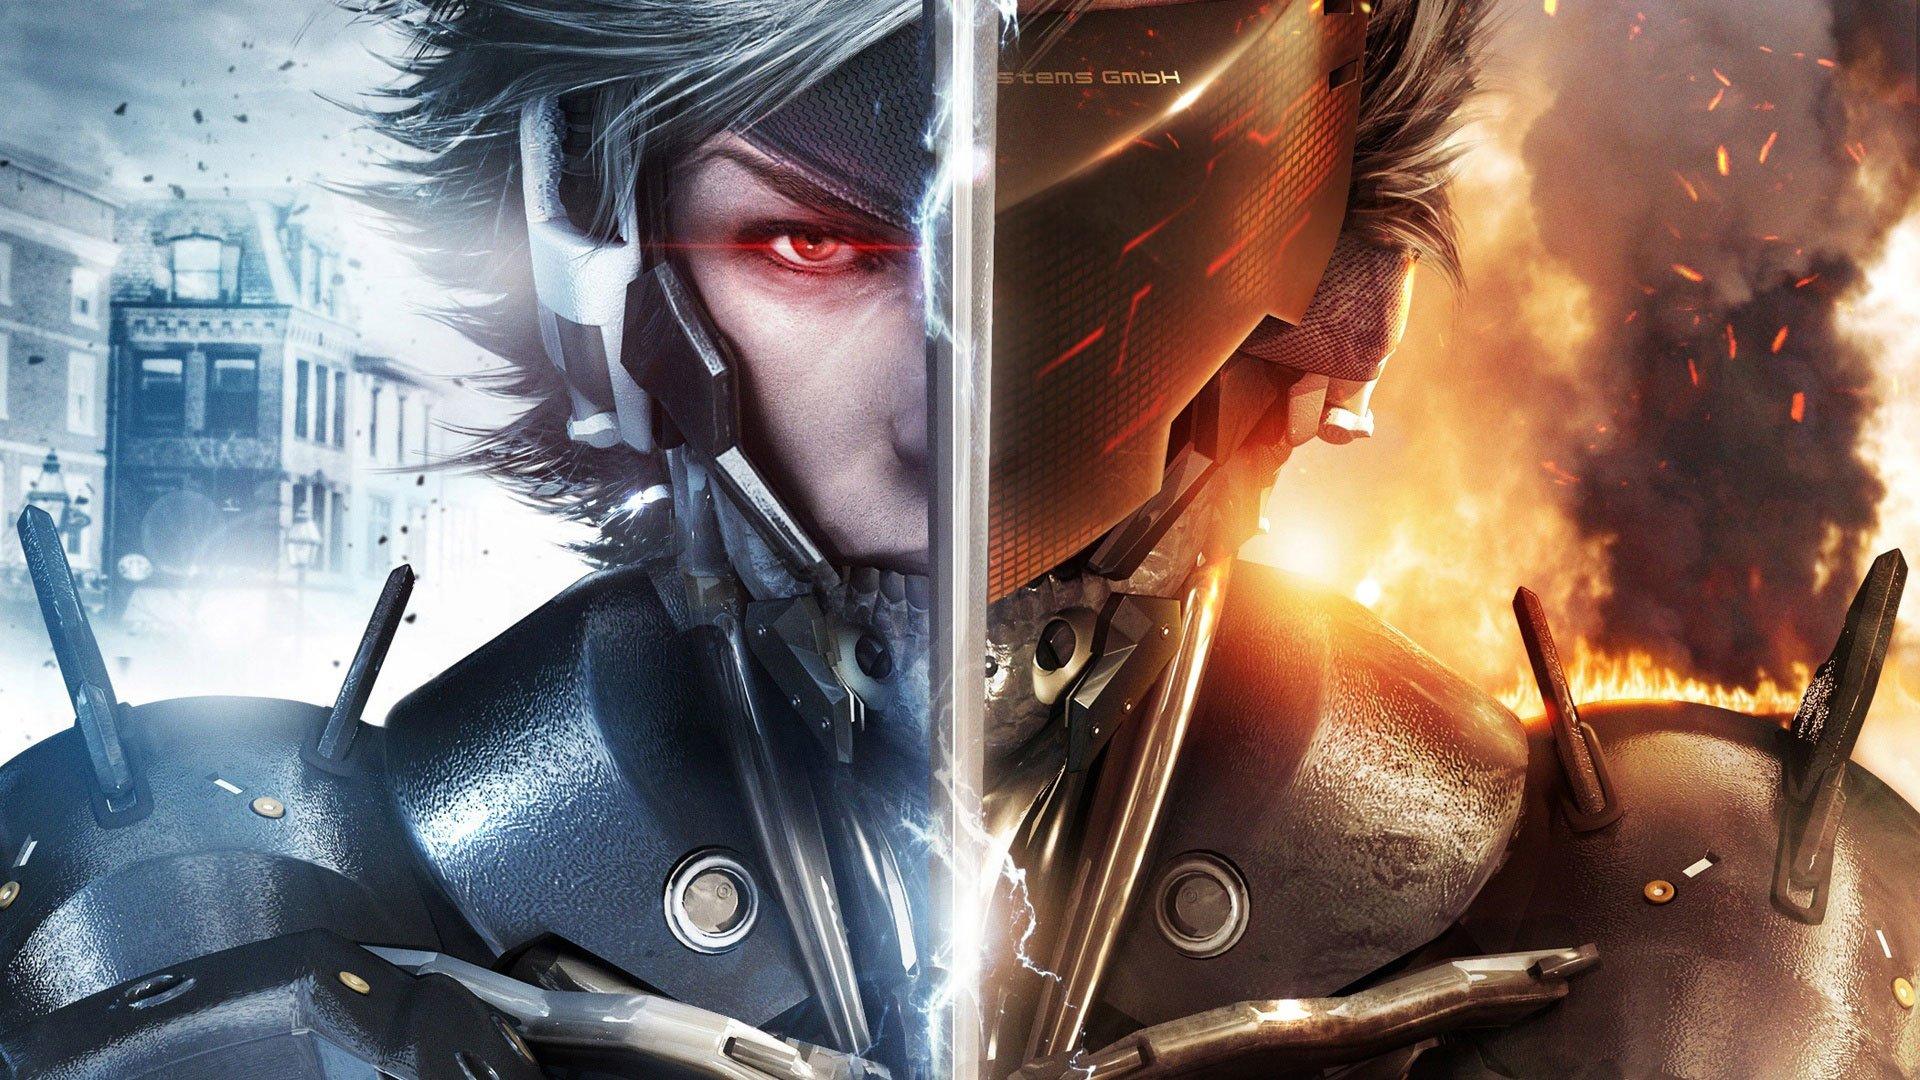 合金装备崛起:复仇/Metal Gear Rising: Revengeance插图5